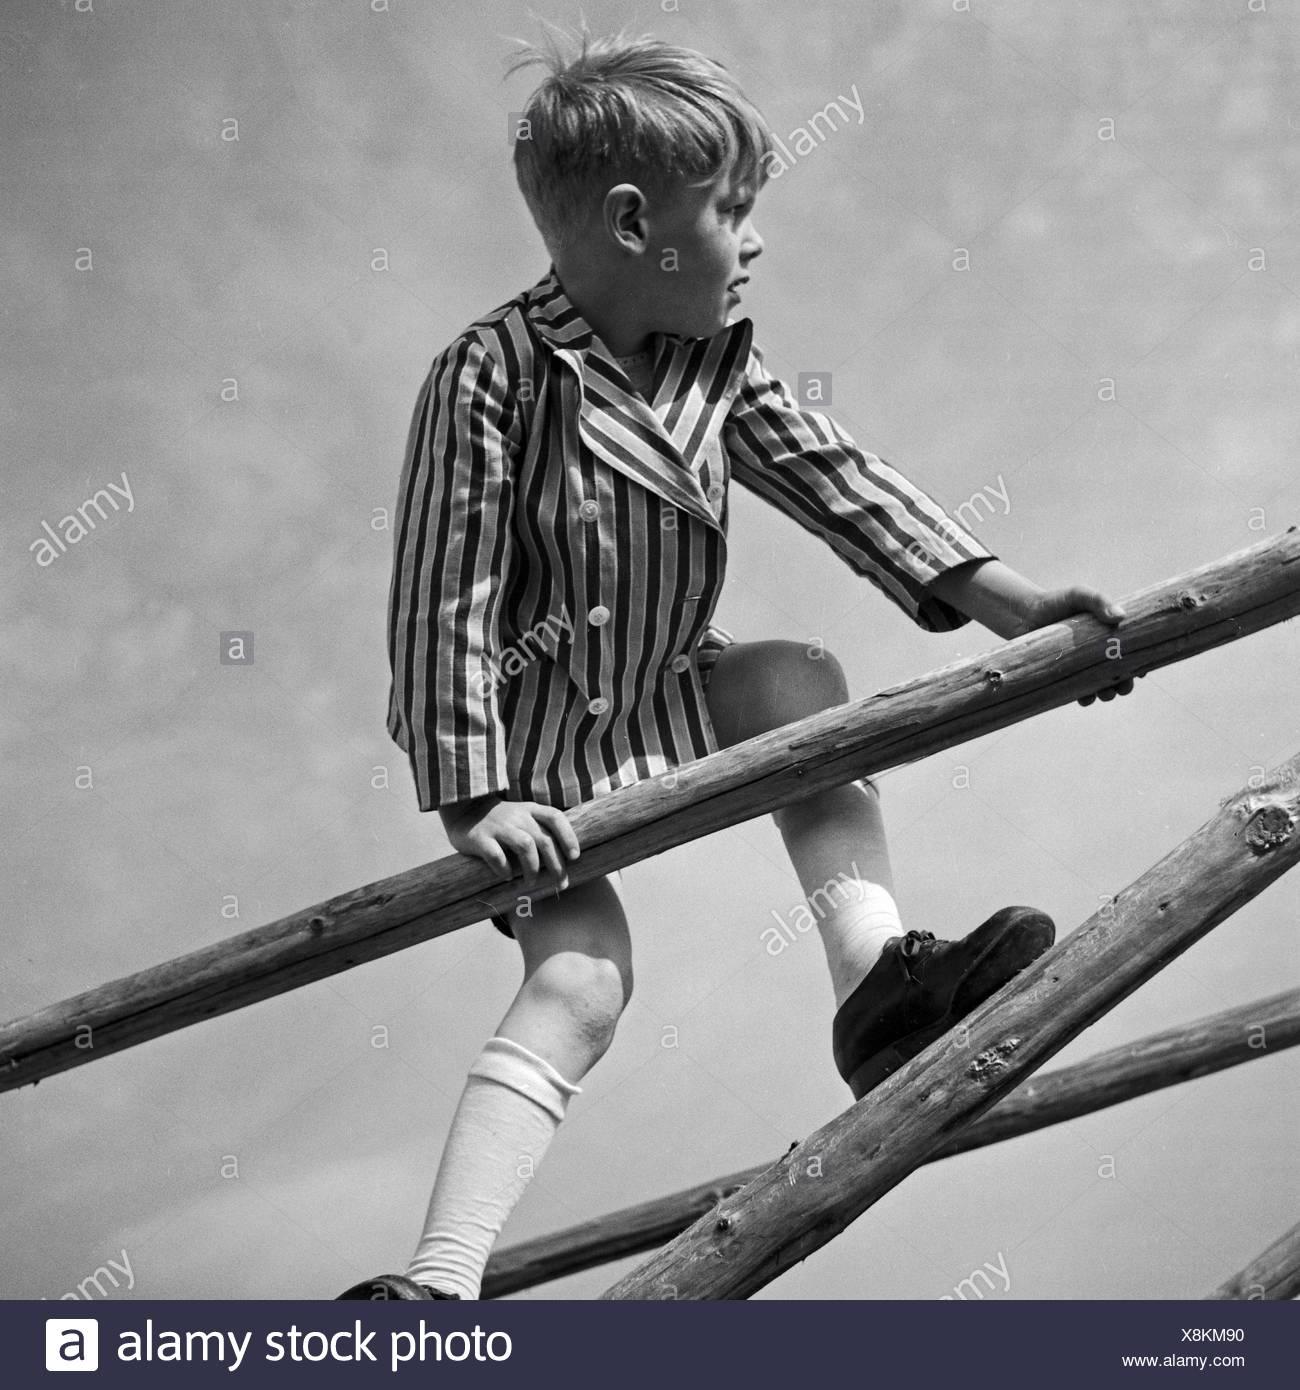 Ein Kleiner Junge Spielt Und Klettert Auf Einem Holzgerüst, 1930er Jahre Deutschland. Ein kleiner Junge, spielen und Klettern auf einem Woodden Rahmen, Deutschland der 1930er Jahre. Stockbild